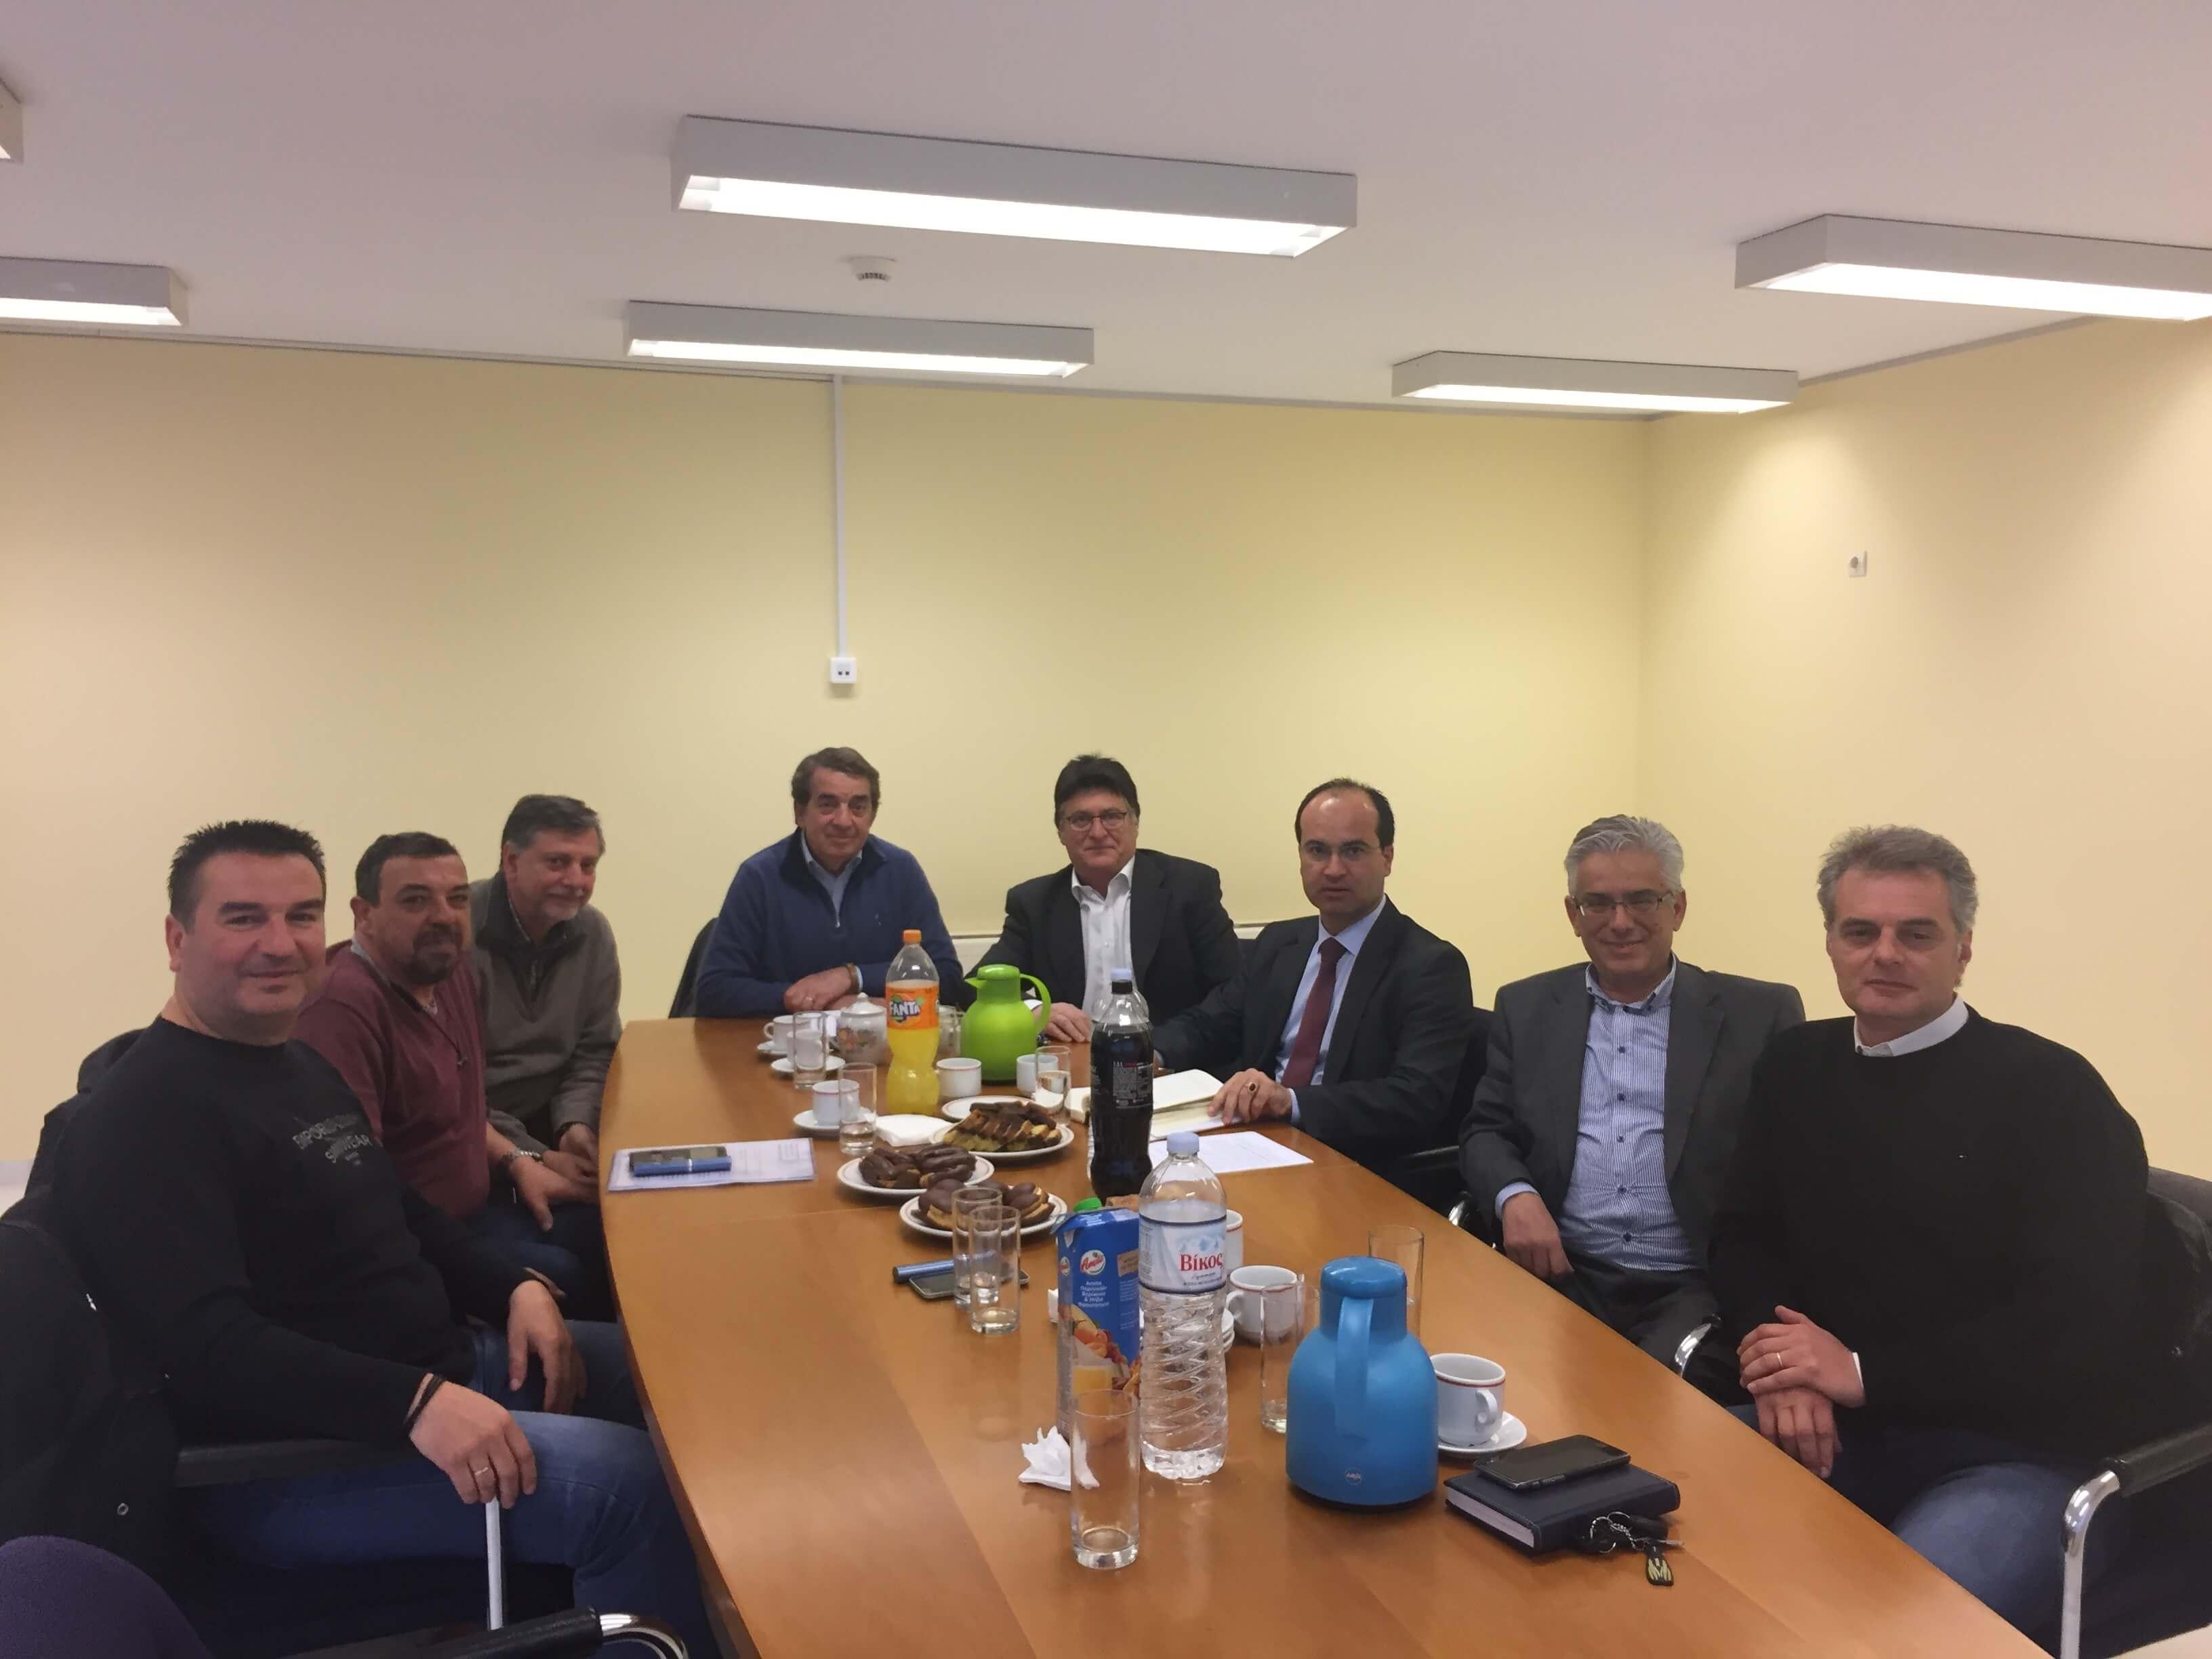 Συνάντηση Υποψηφίου Δημάρχου με το Διοικητικό Συμβούλιο Ένωσης Γονέων